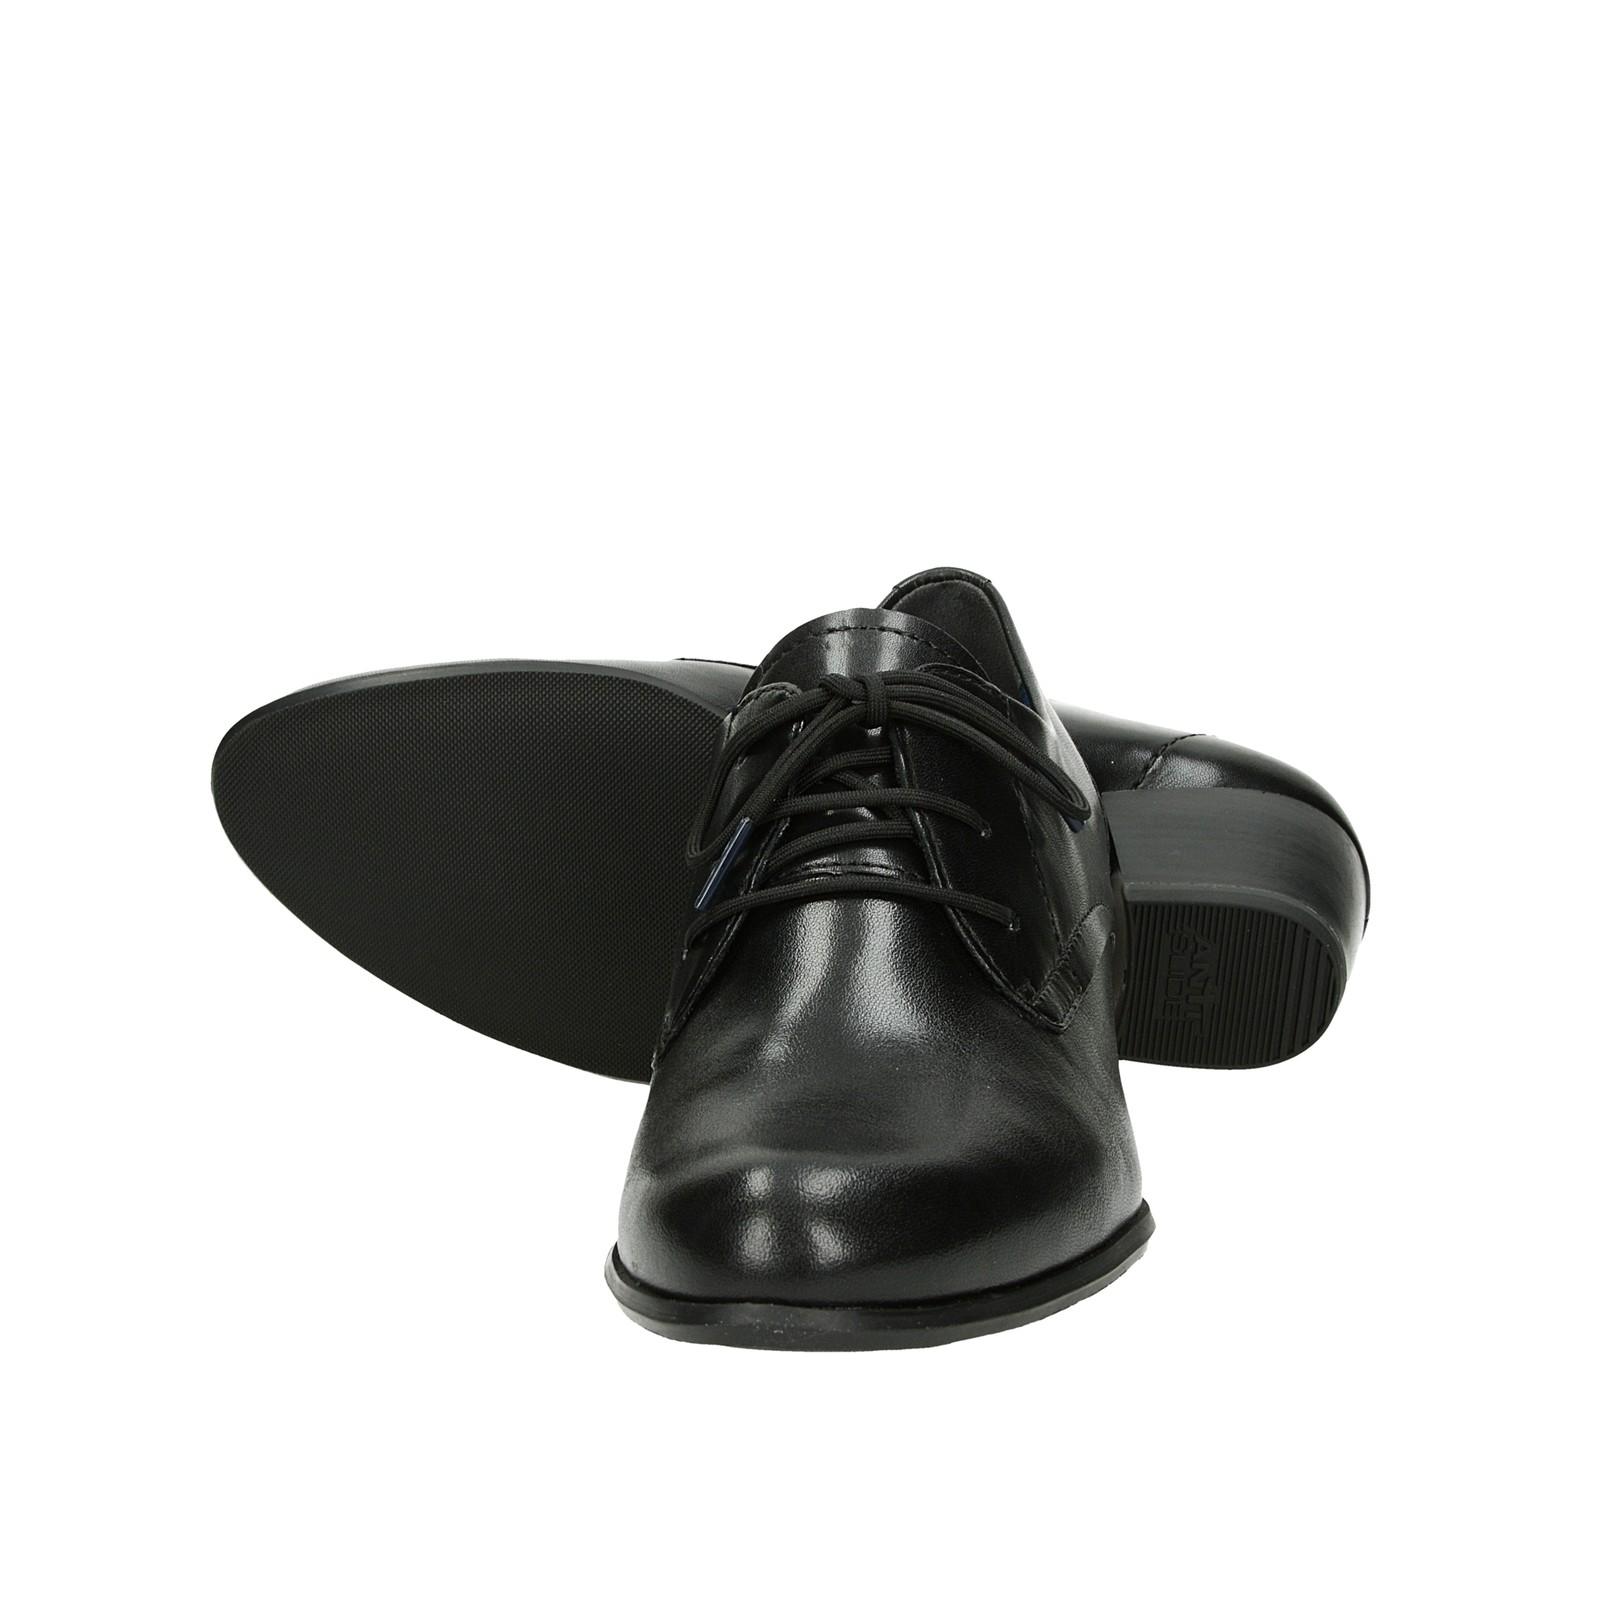 Tamaris dámske kožené poltopánky na podpätku - čierne